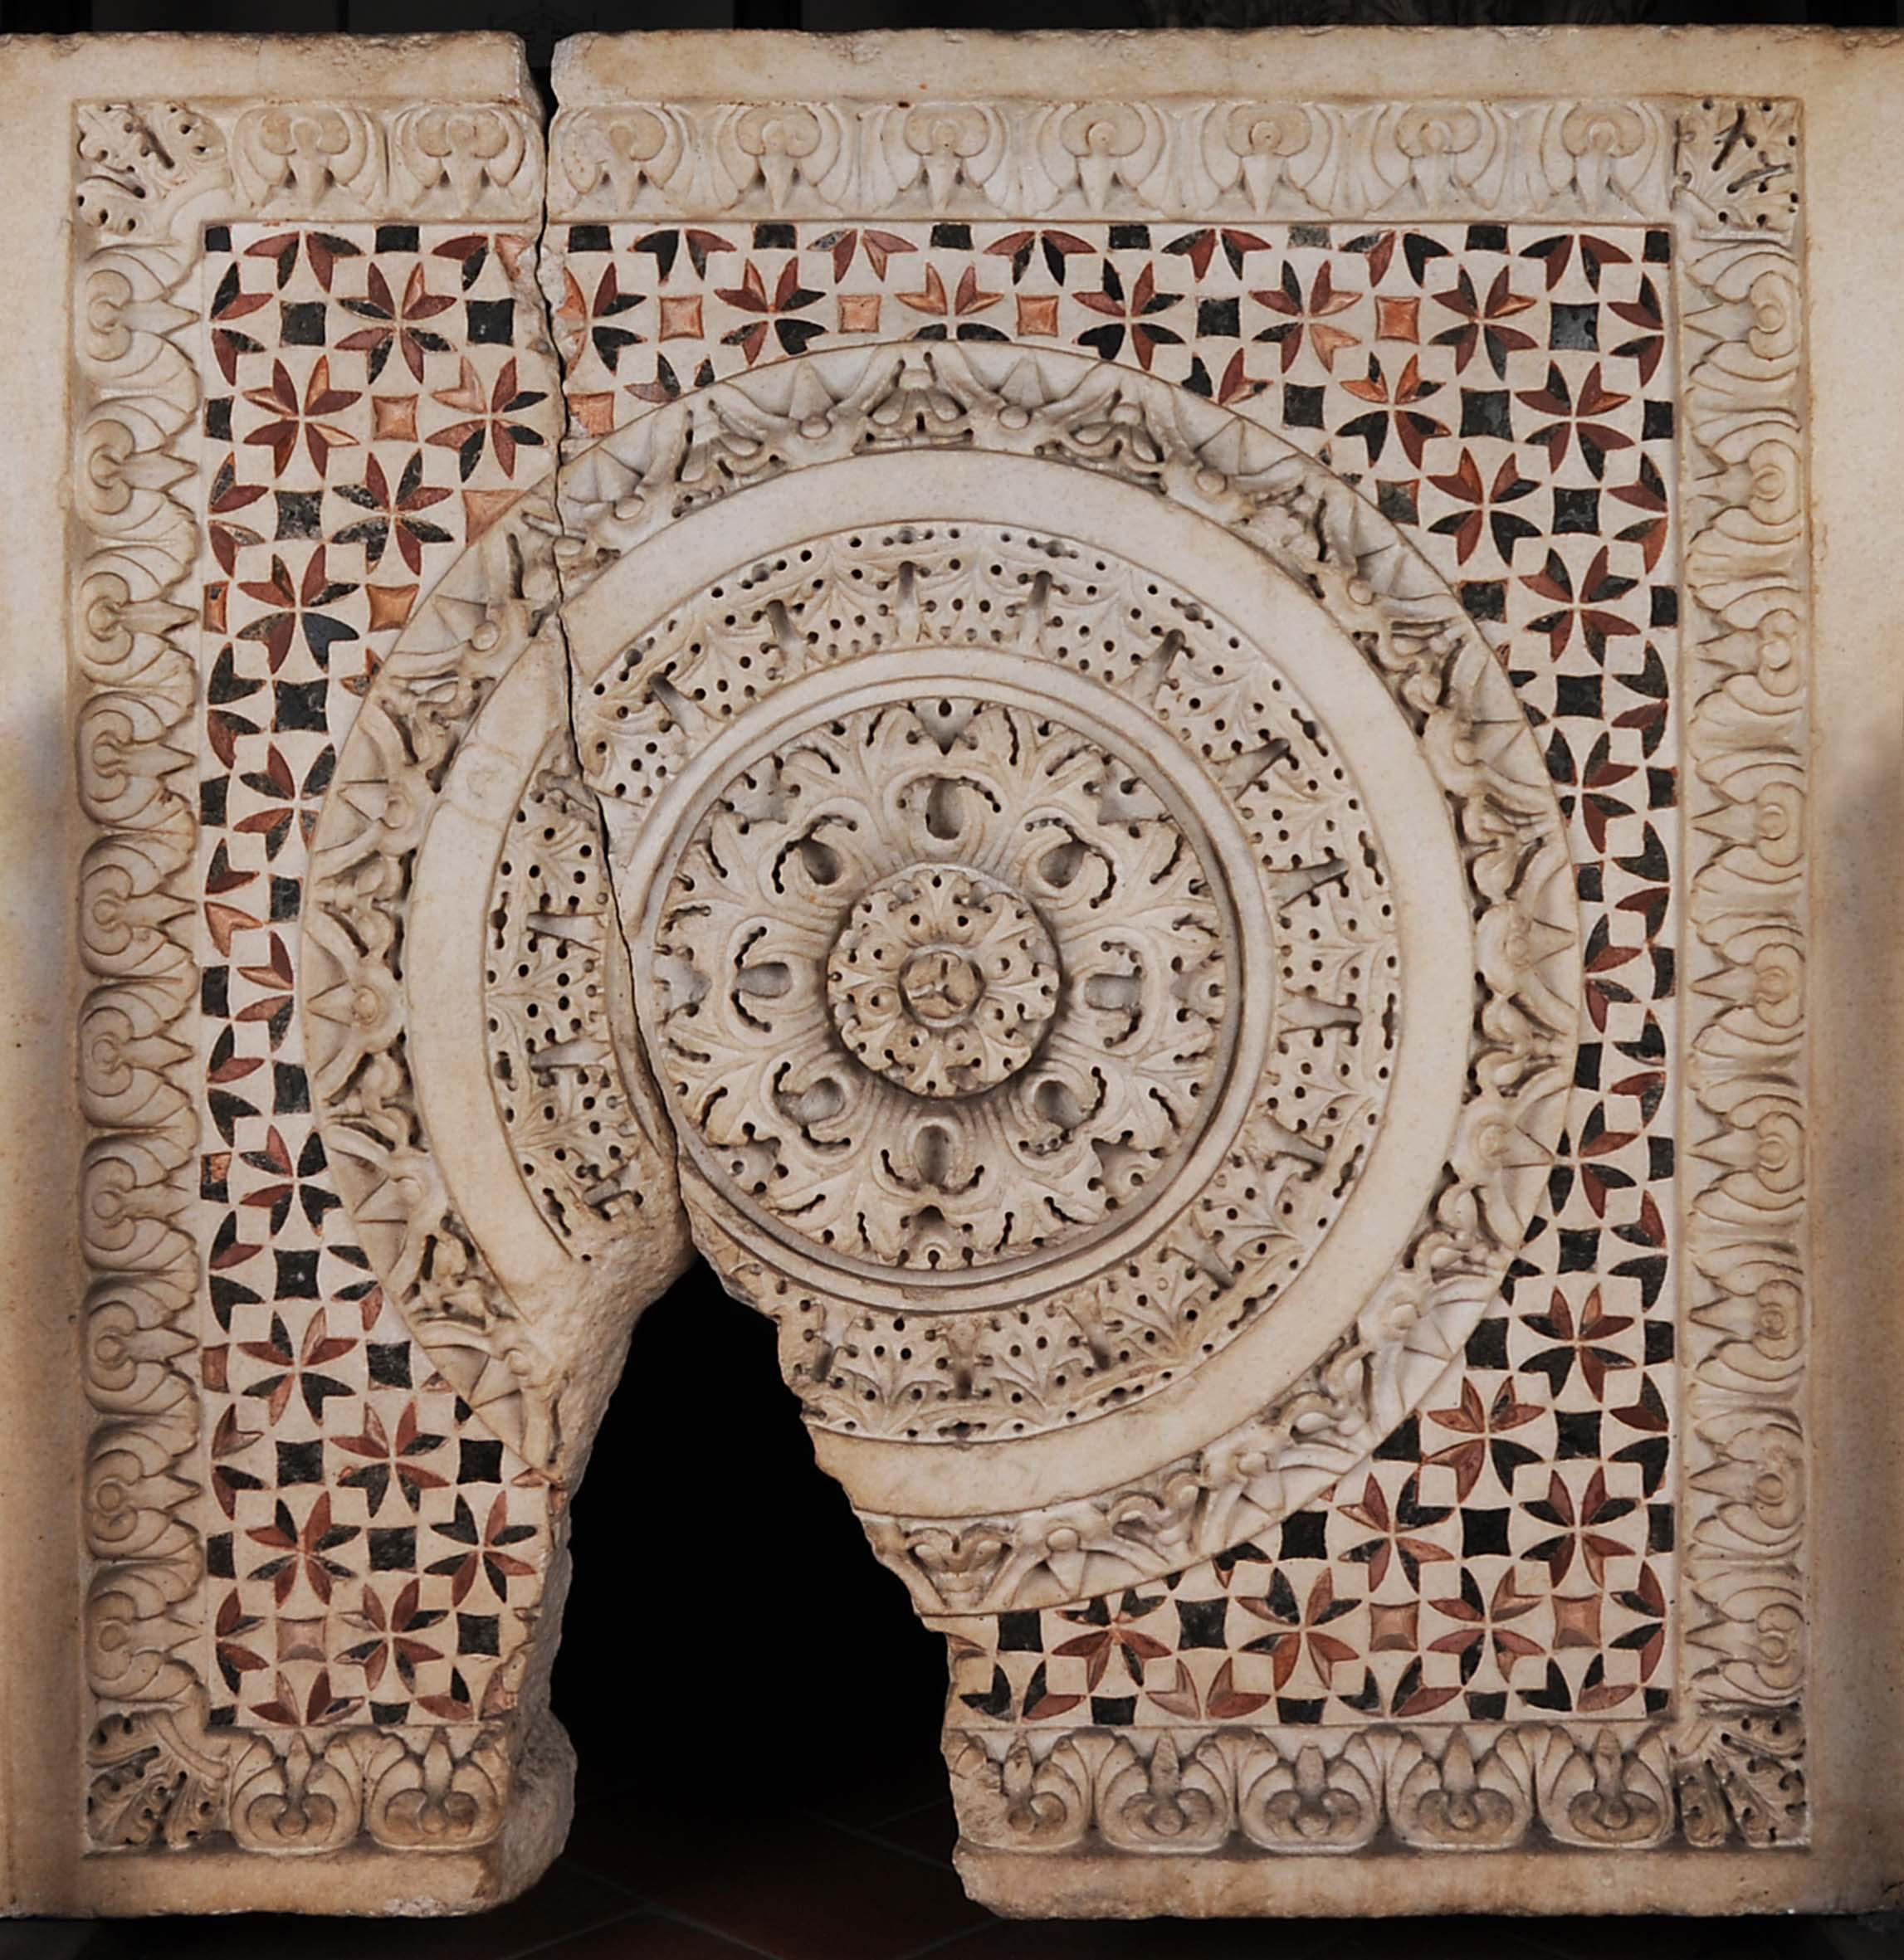 Taglia di Guglielmo, pluteo di recinto presbiteriale (metà del secolo XII), marmo con intarsi policromi. Pisa, Museo dell'Opera del Duomo